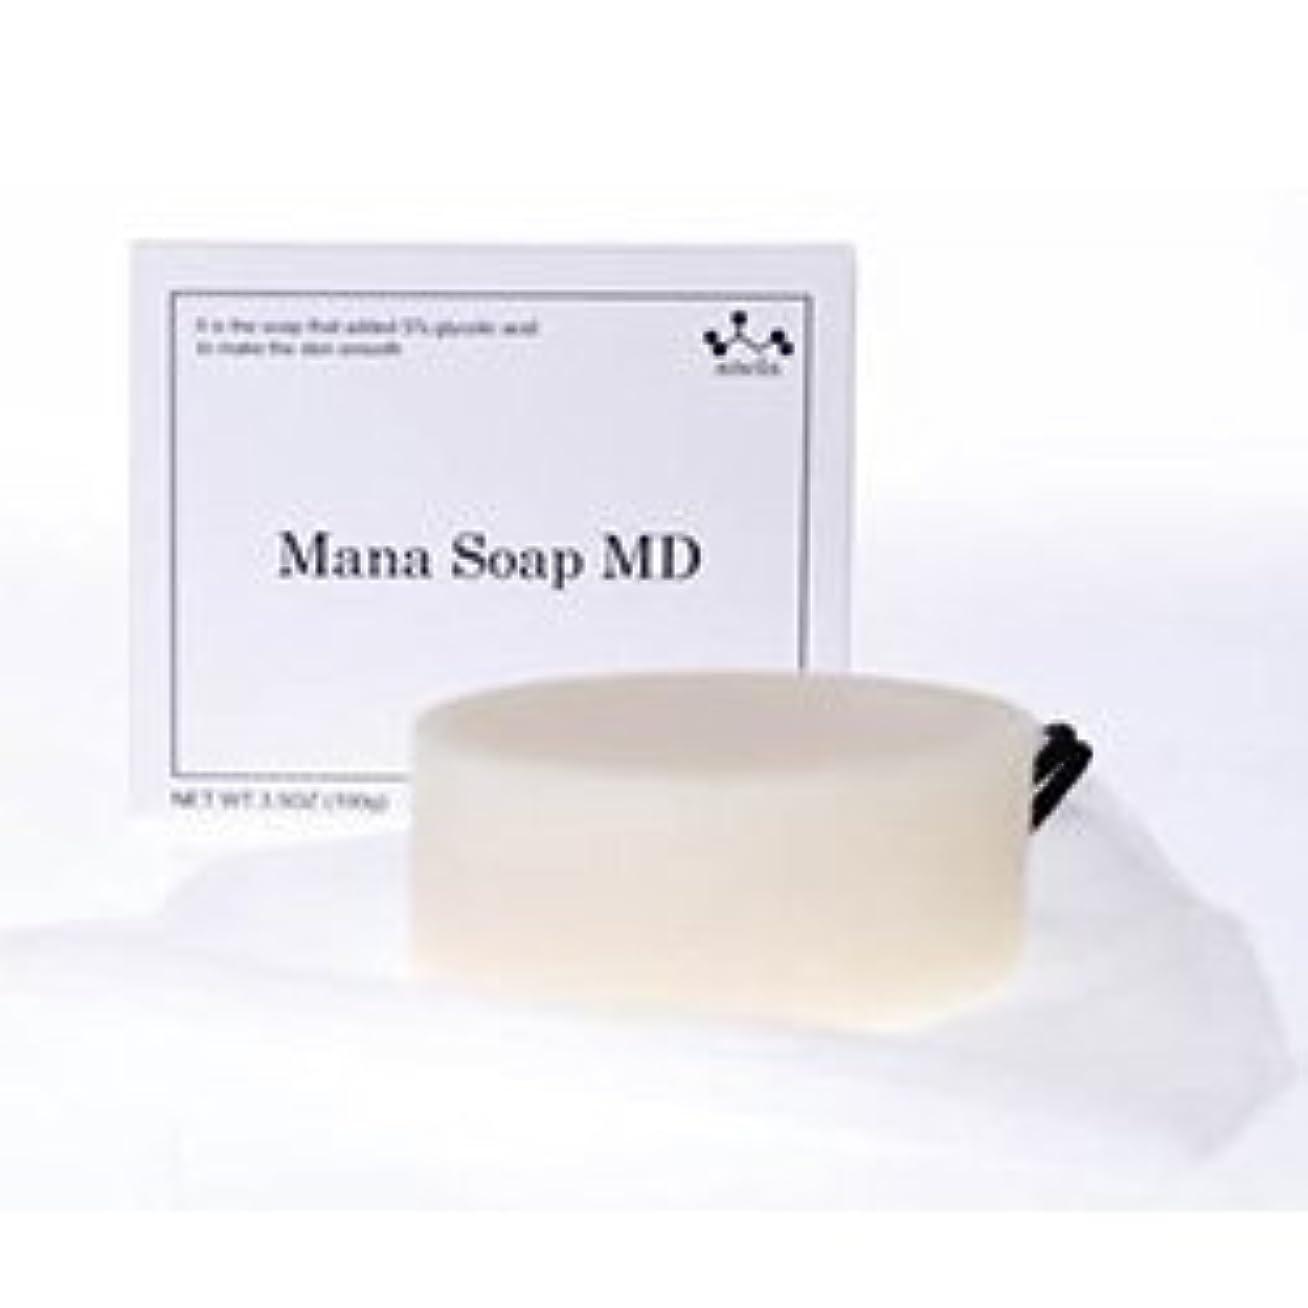 雇用者うがい薬建設【ニキビ?乾燥?敏感】マナソープMD5 乾燥するけどニキビができるという方におすすめ! プラセンタ配合の無添加ピーリング石鹸 (5%)